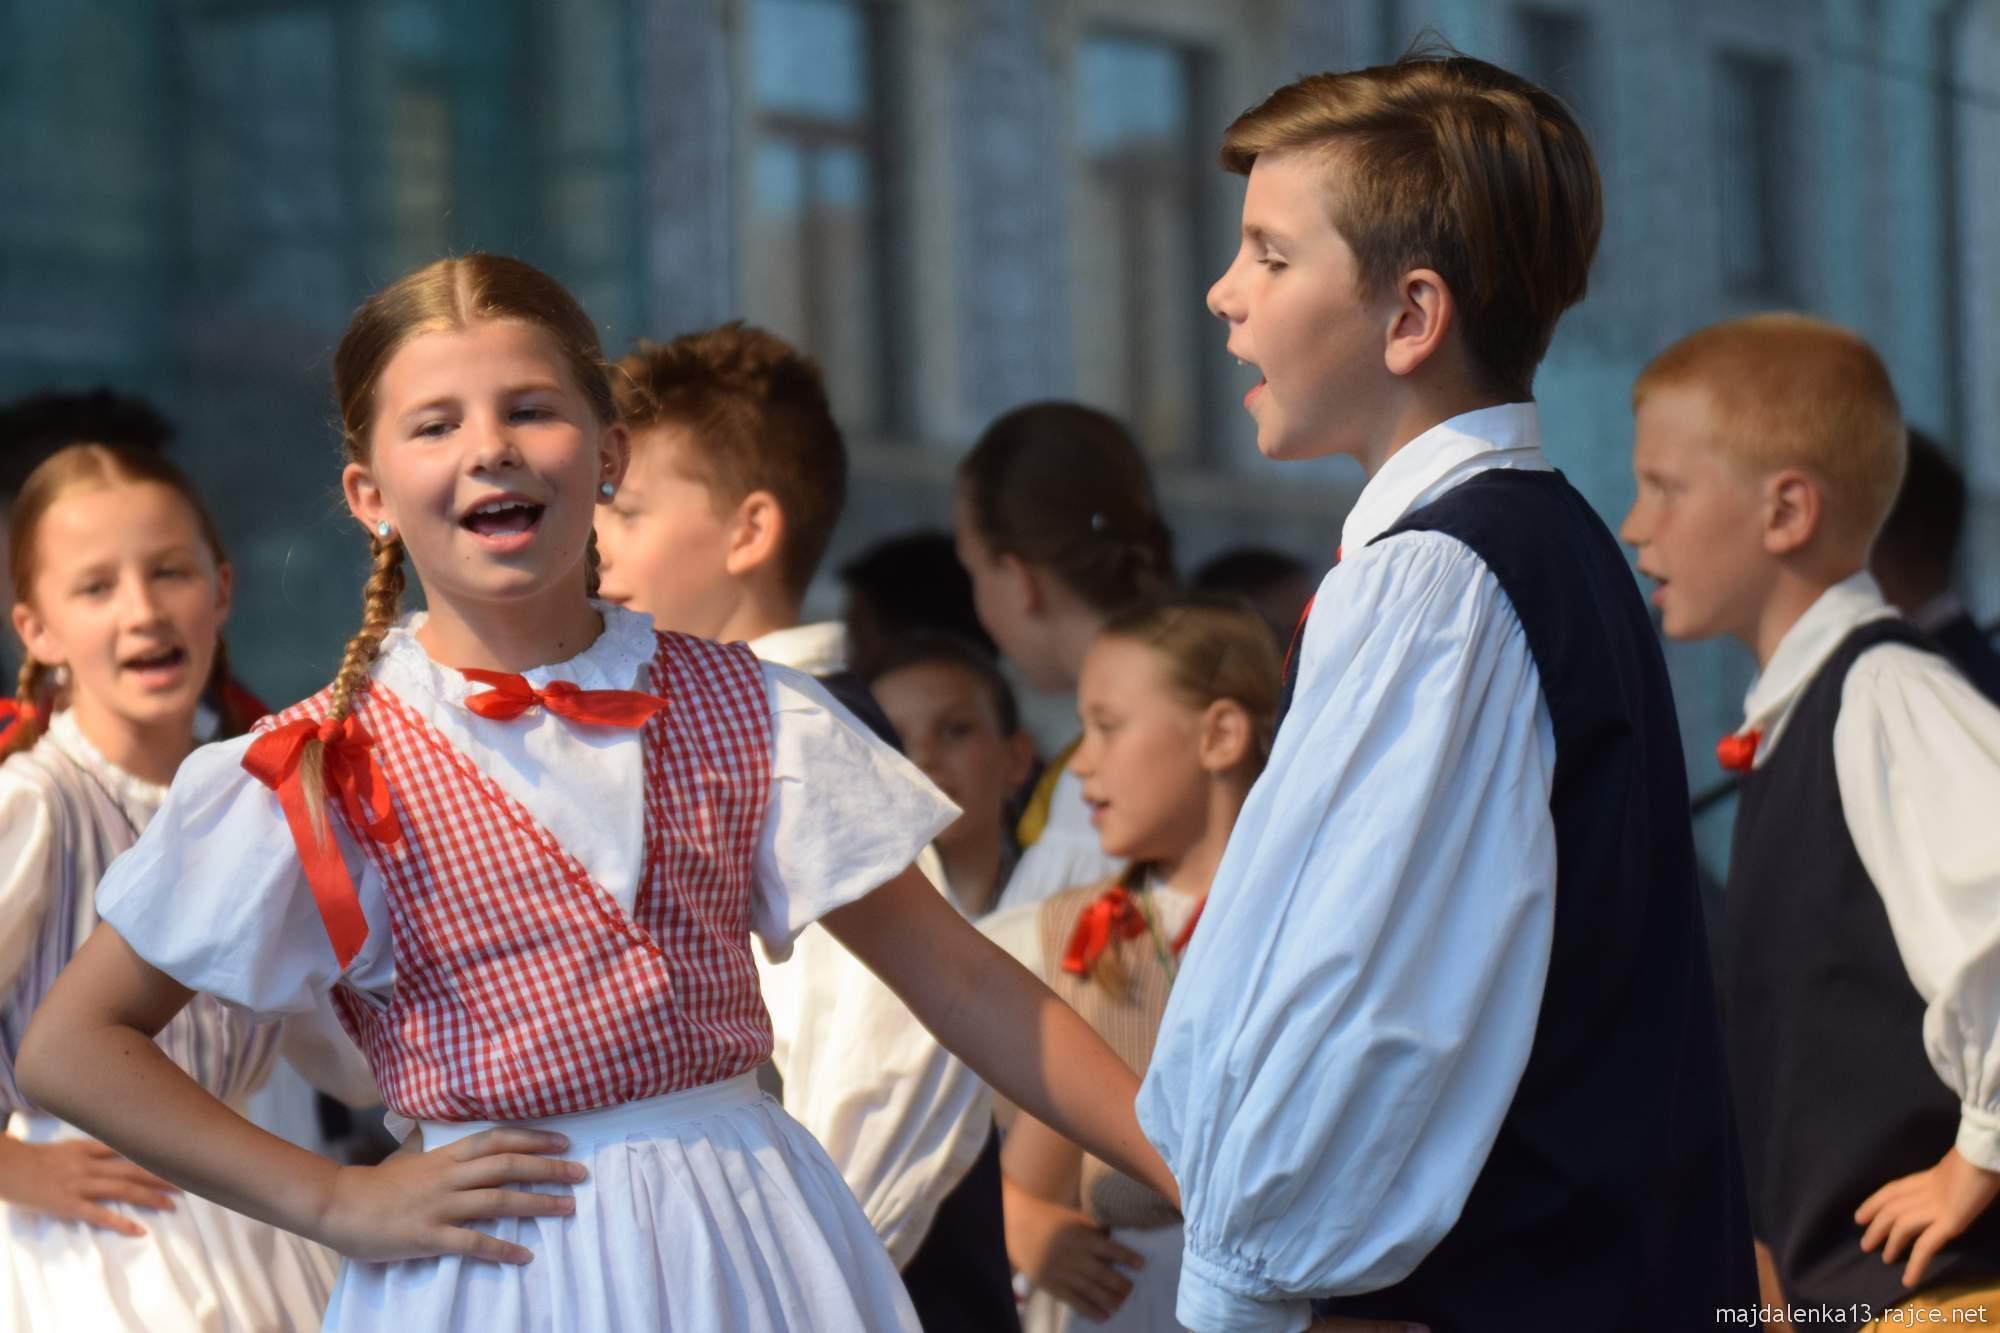 Folklorní festival Pardubice - Hradec Králové 2019 - Pernštýnská noc